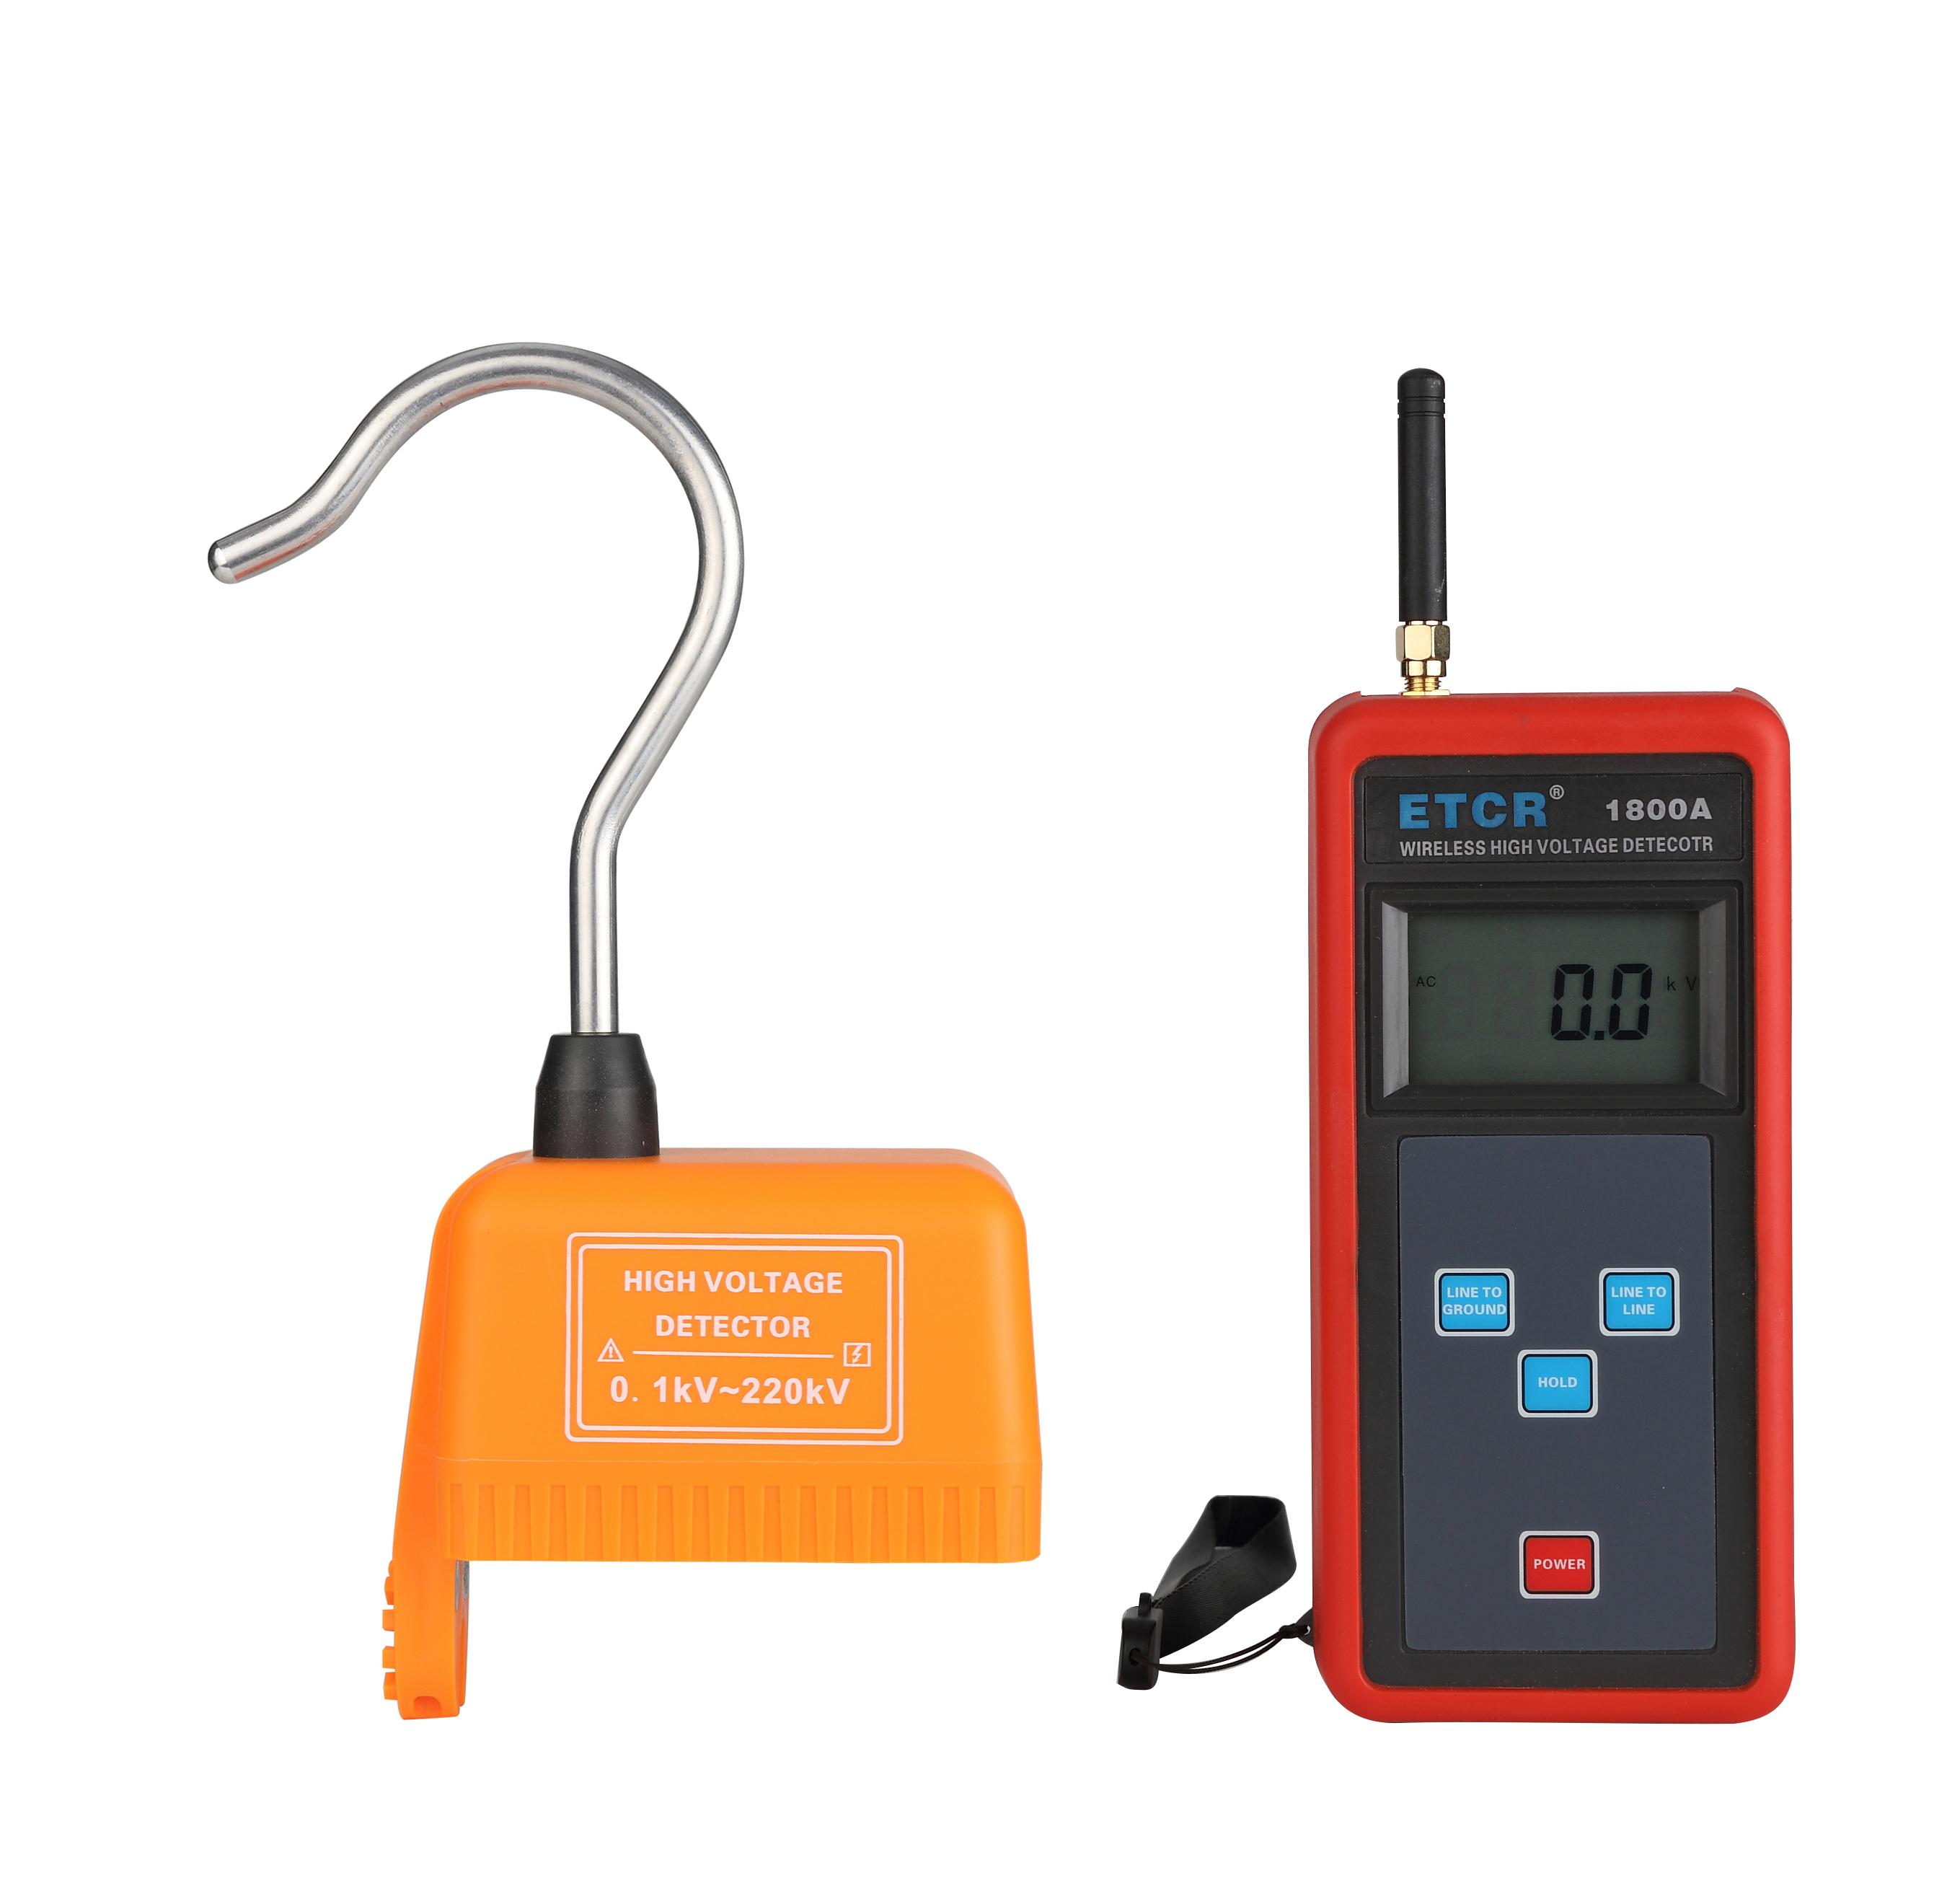 挑一款合适的高压验电器提升你的工作效率